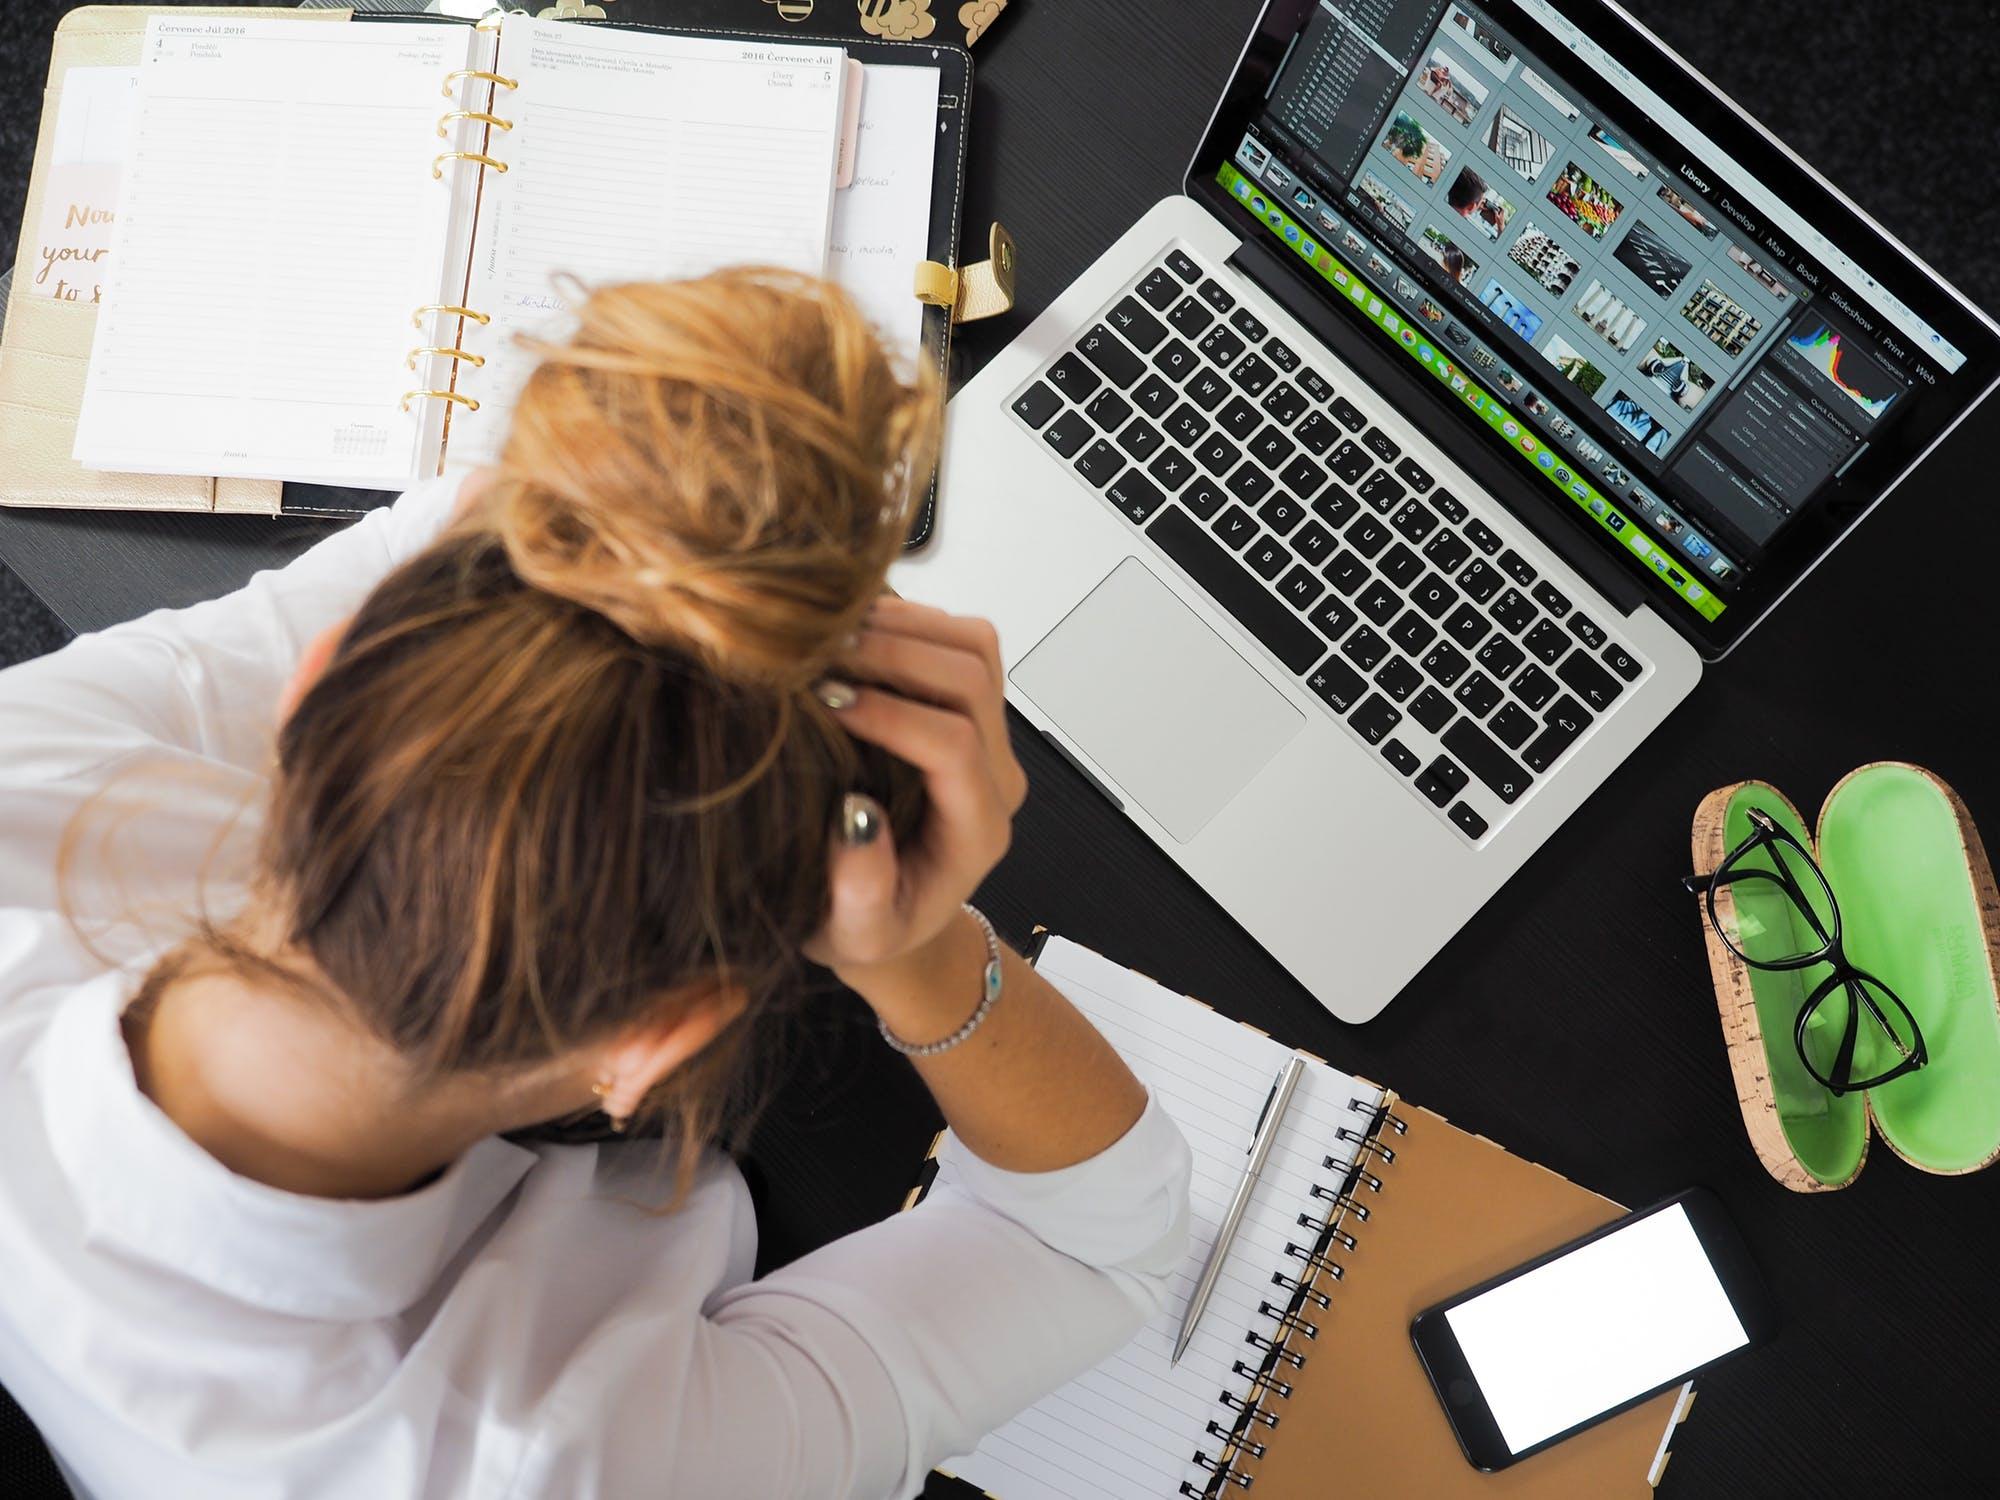 #DrRx- ही लक्षणं तुमच्यात आहेत तर तुम्ही नक्कीच तणावात आहात